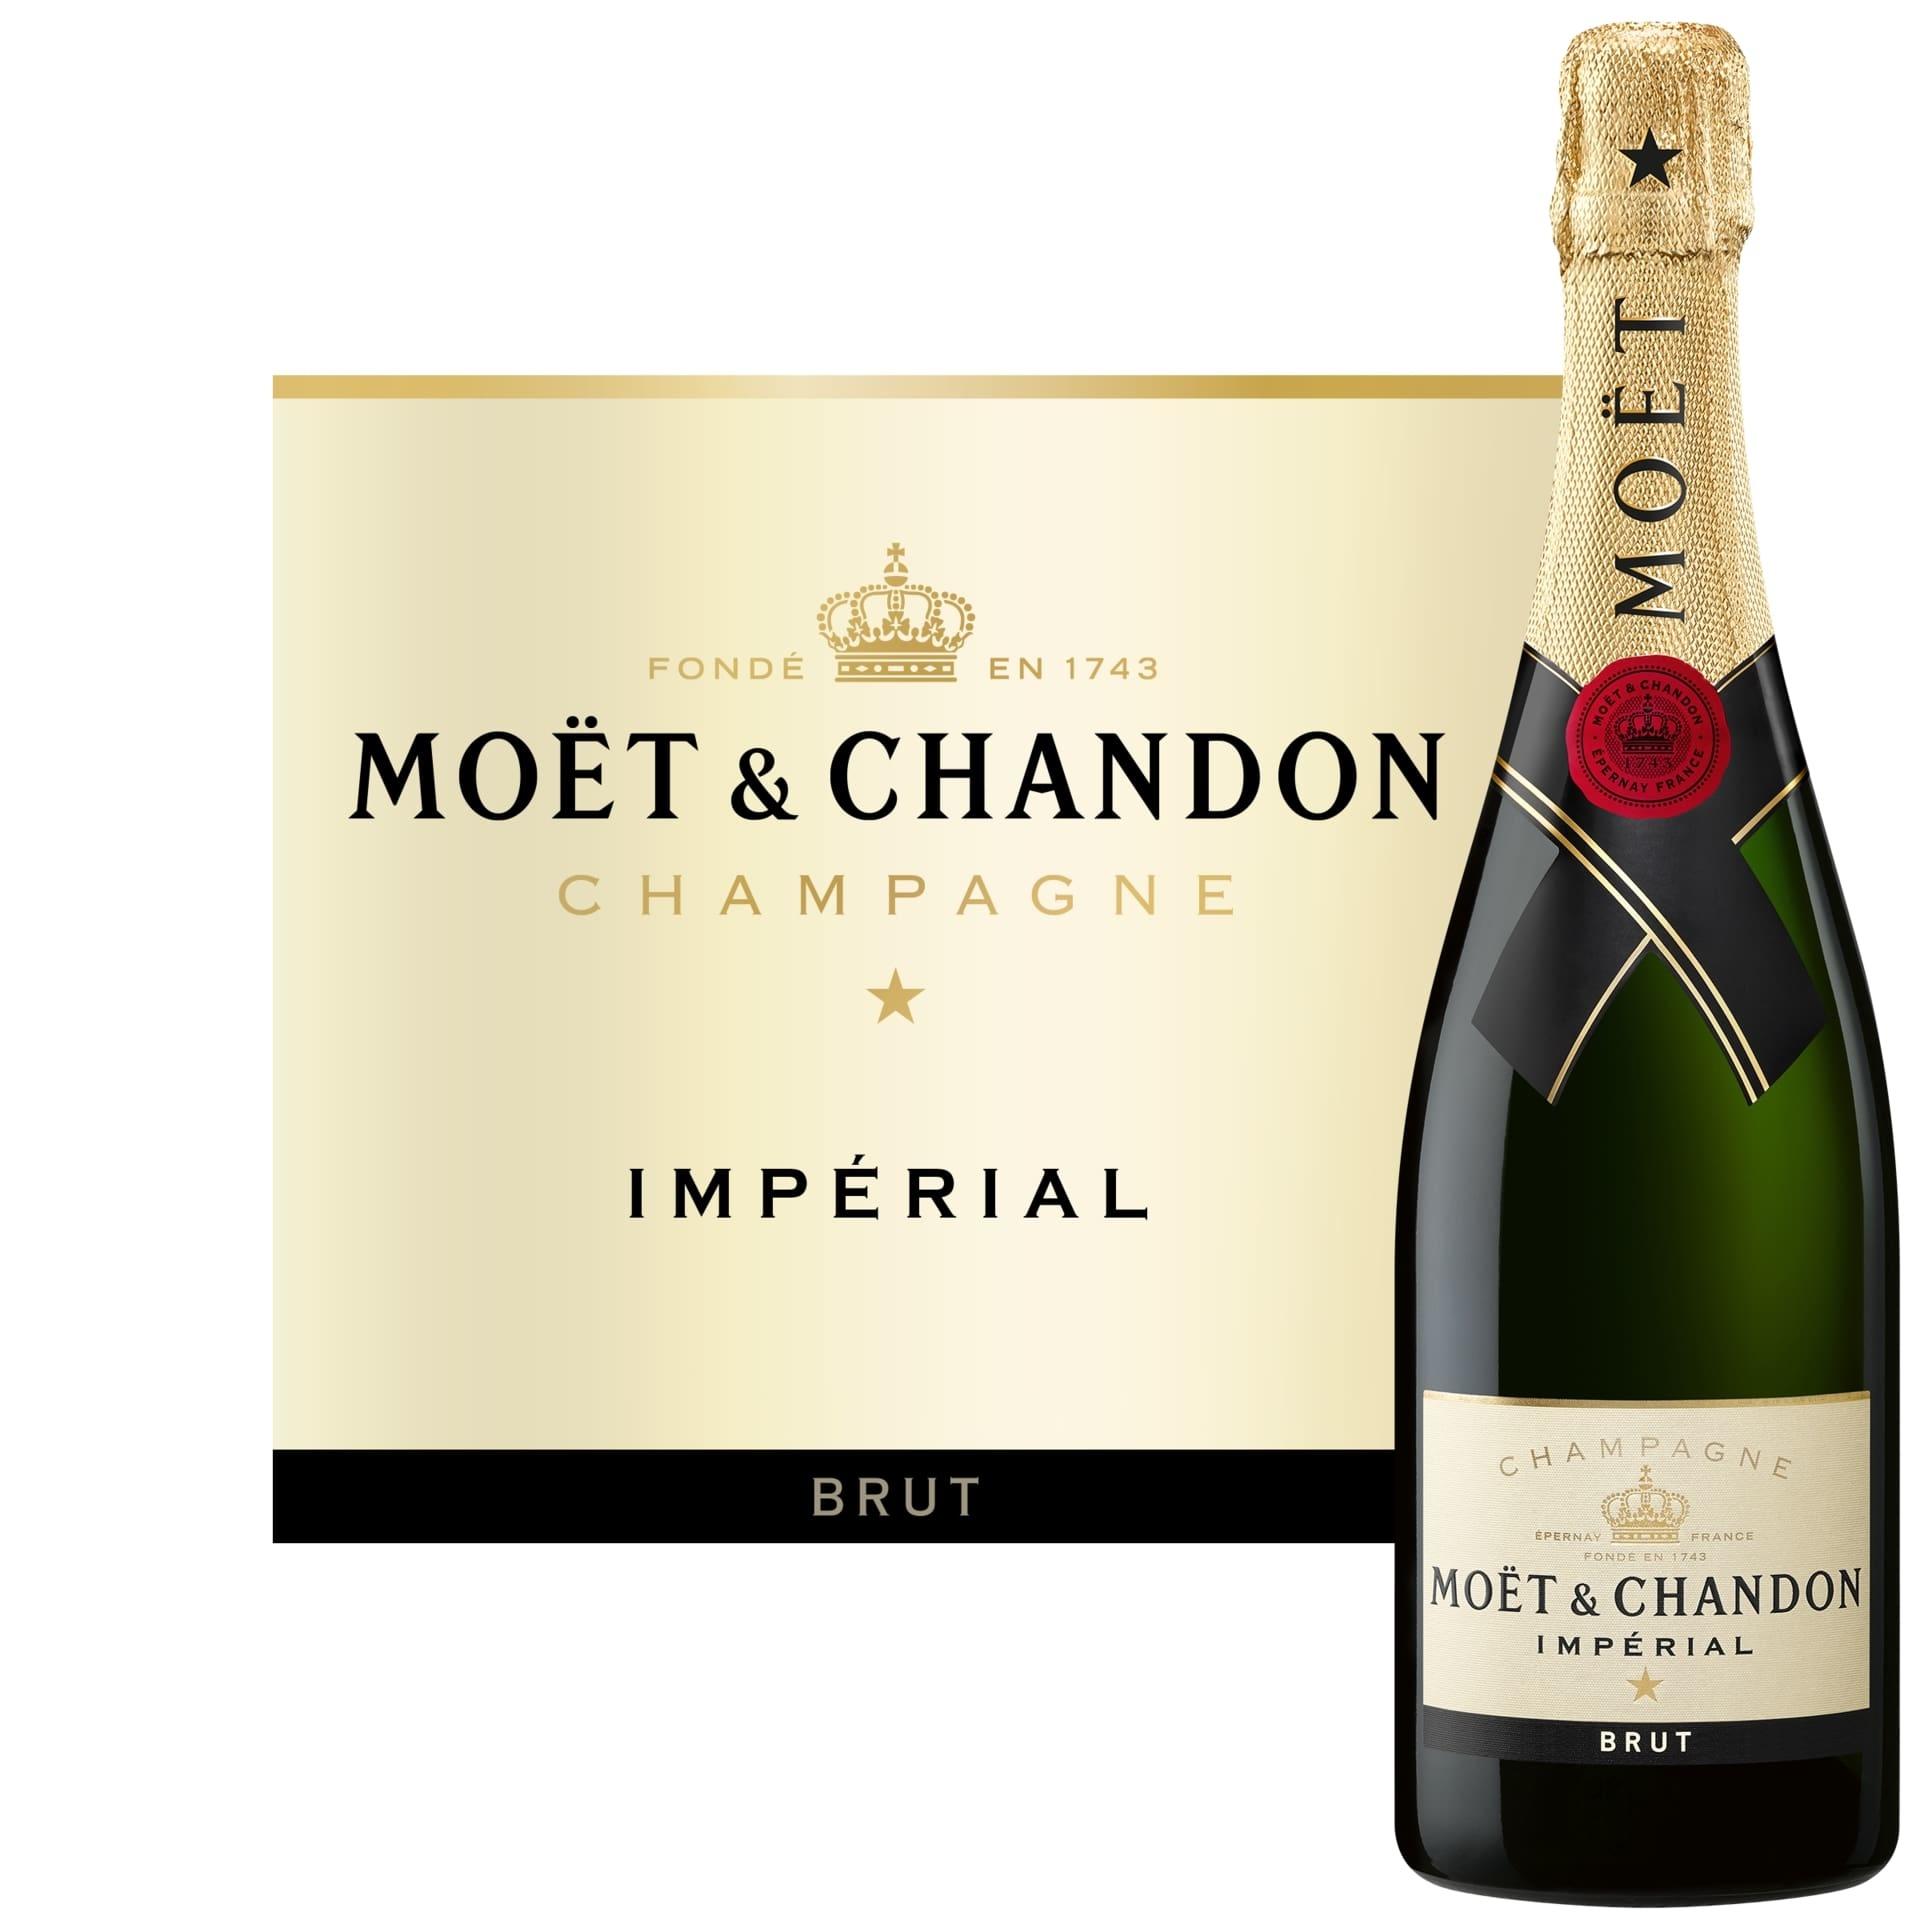 Moët & Chandon Moët & Chandon Brut Impérial Champagne 75CL